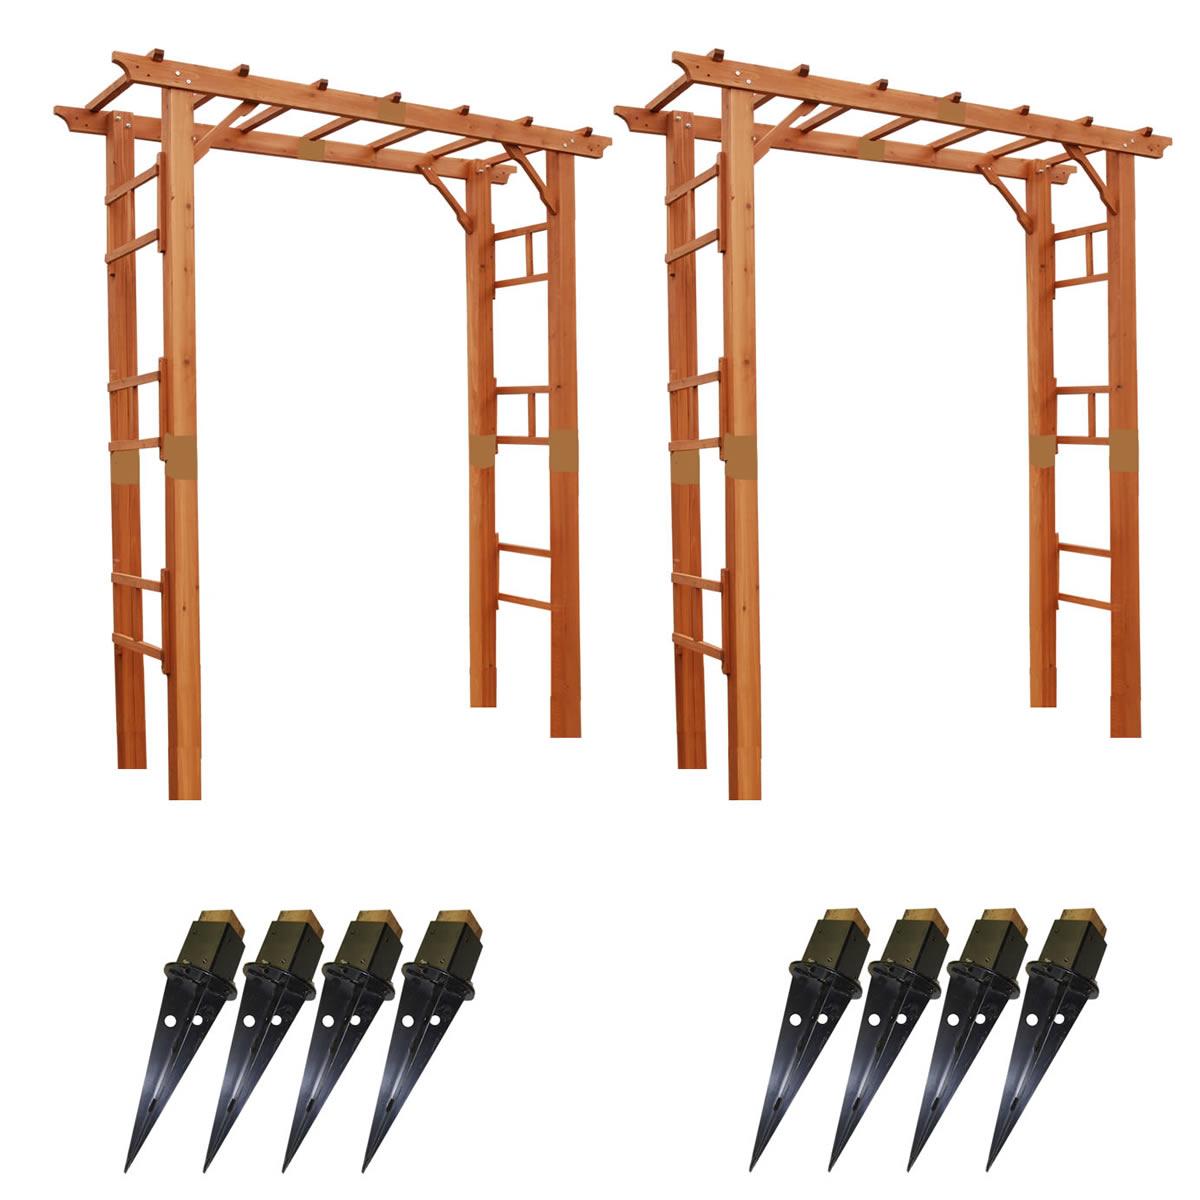 天然木製フレックスパーゴラアーチ190 2台組(埋め込み金具セット) FLPG-R1900UB-2PSET